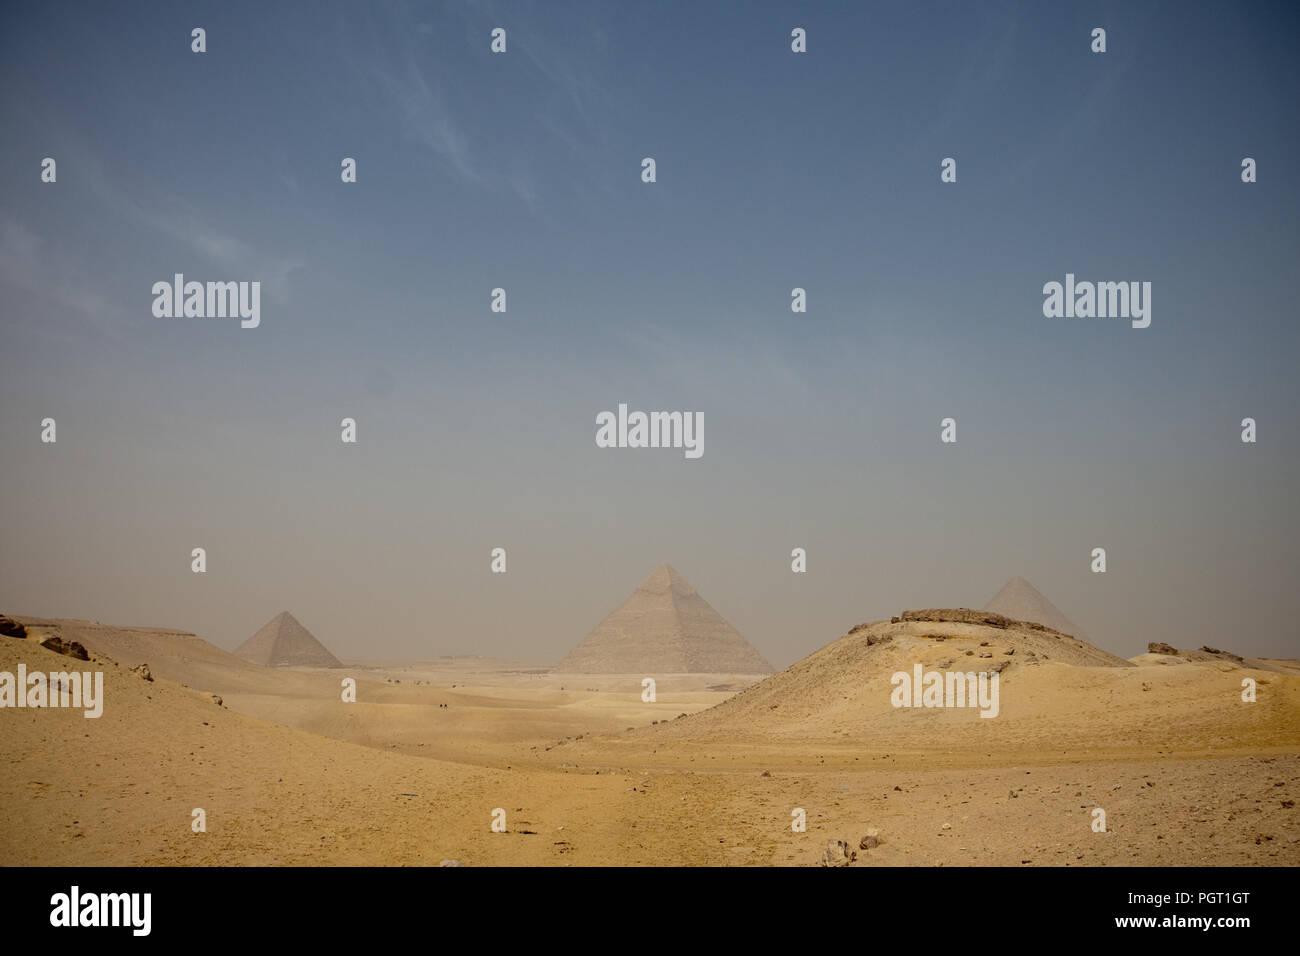 Ciel voilé d'une position éloignée des pyramides, Le Caire, Egypte Photo Stock